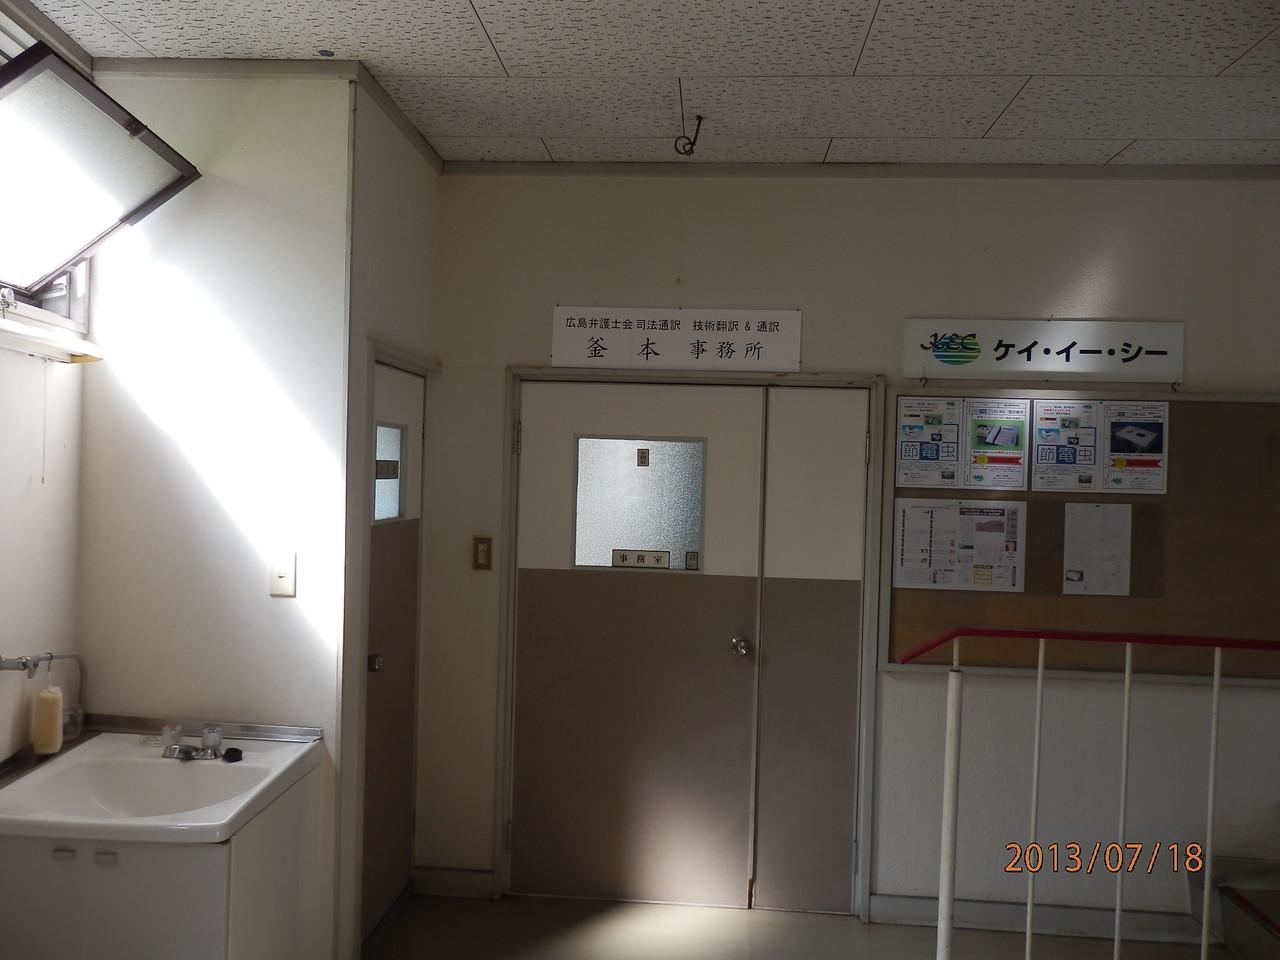 KECビル2階、202号室(10坪)入口(閉)